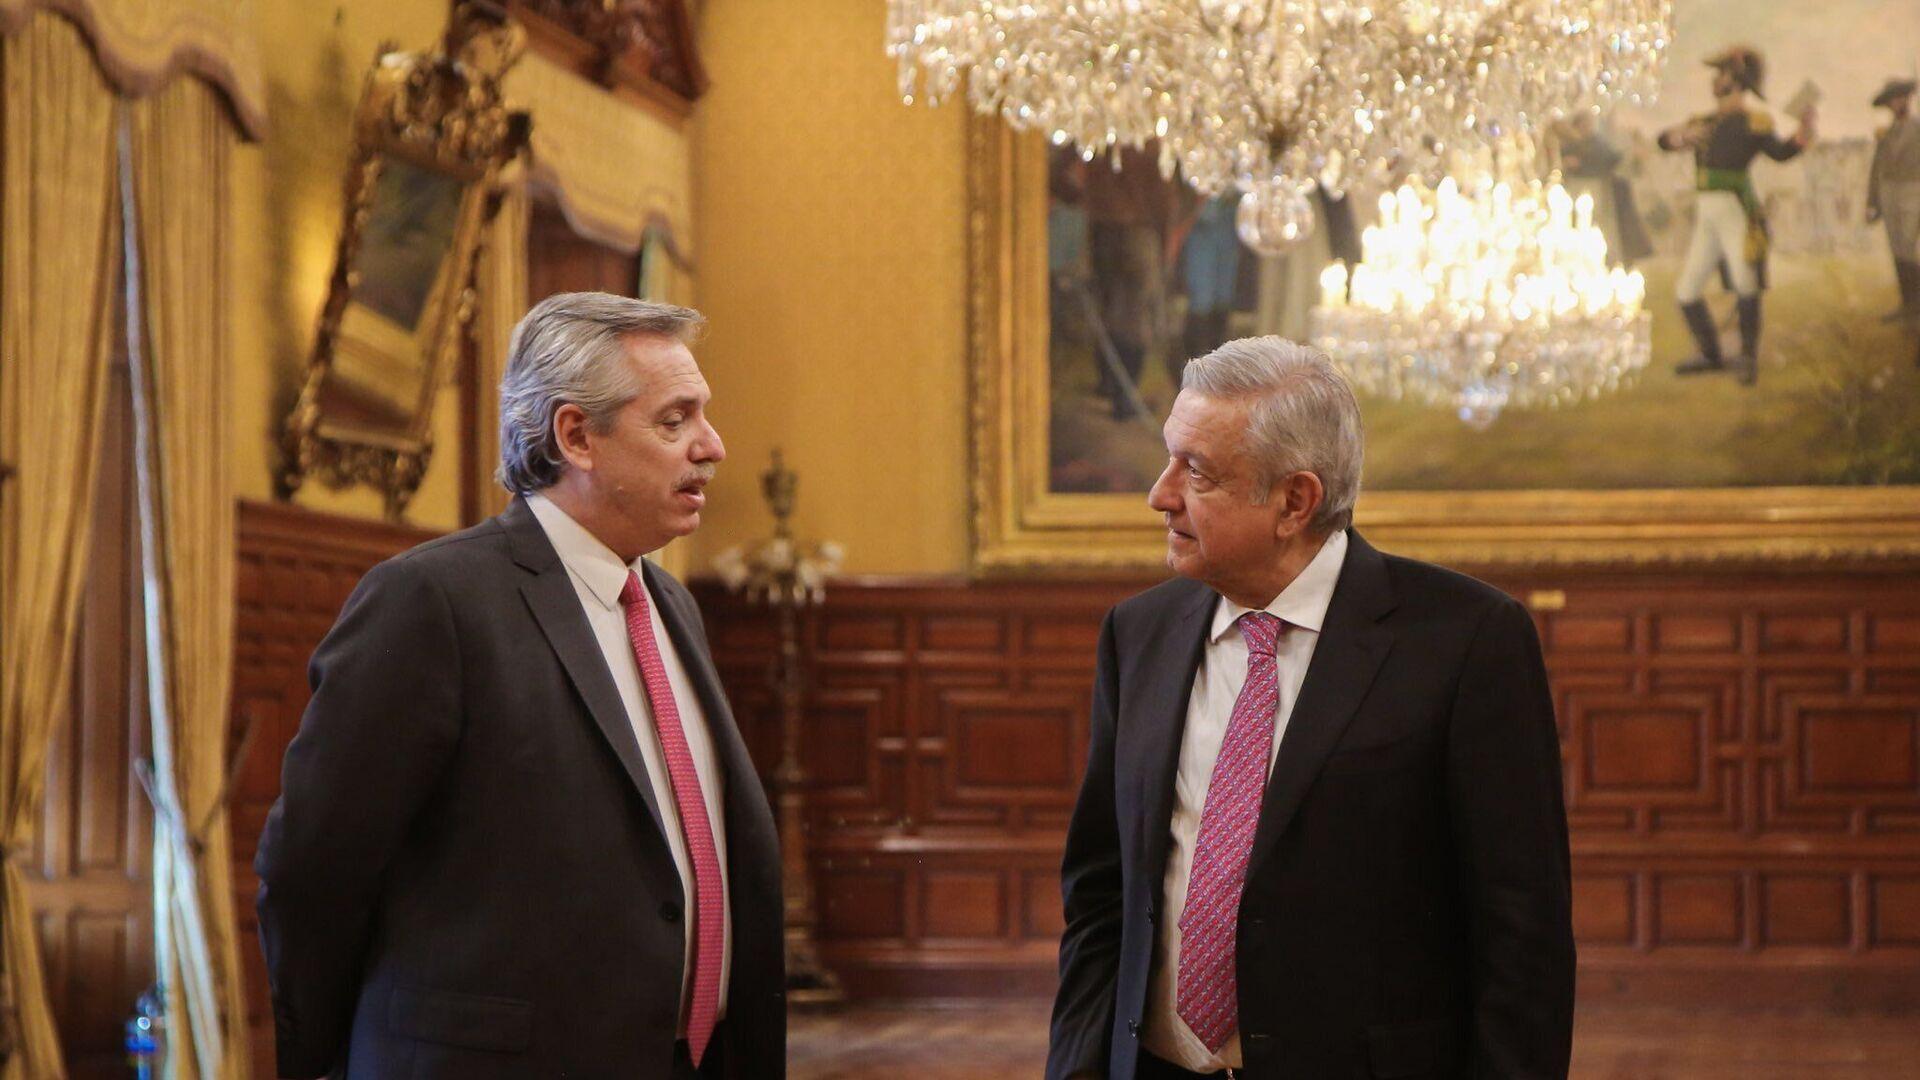 El presidente de Argentina, Alberto Fernández, junto al mandatario de México, Andrés Manuel López Obrador - Sputnik Mundo, 1920, 10.02.2021